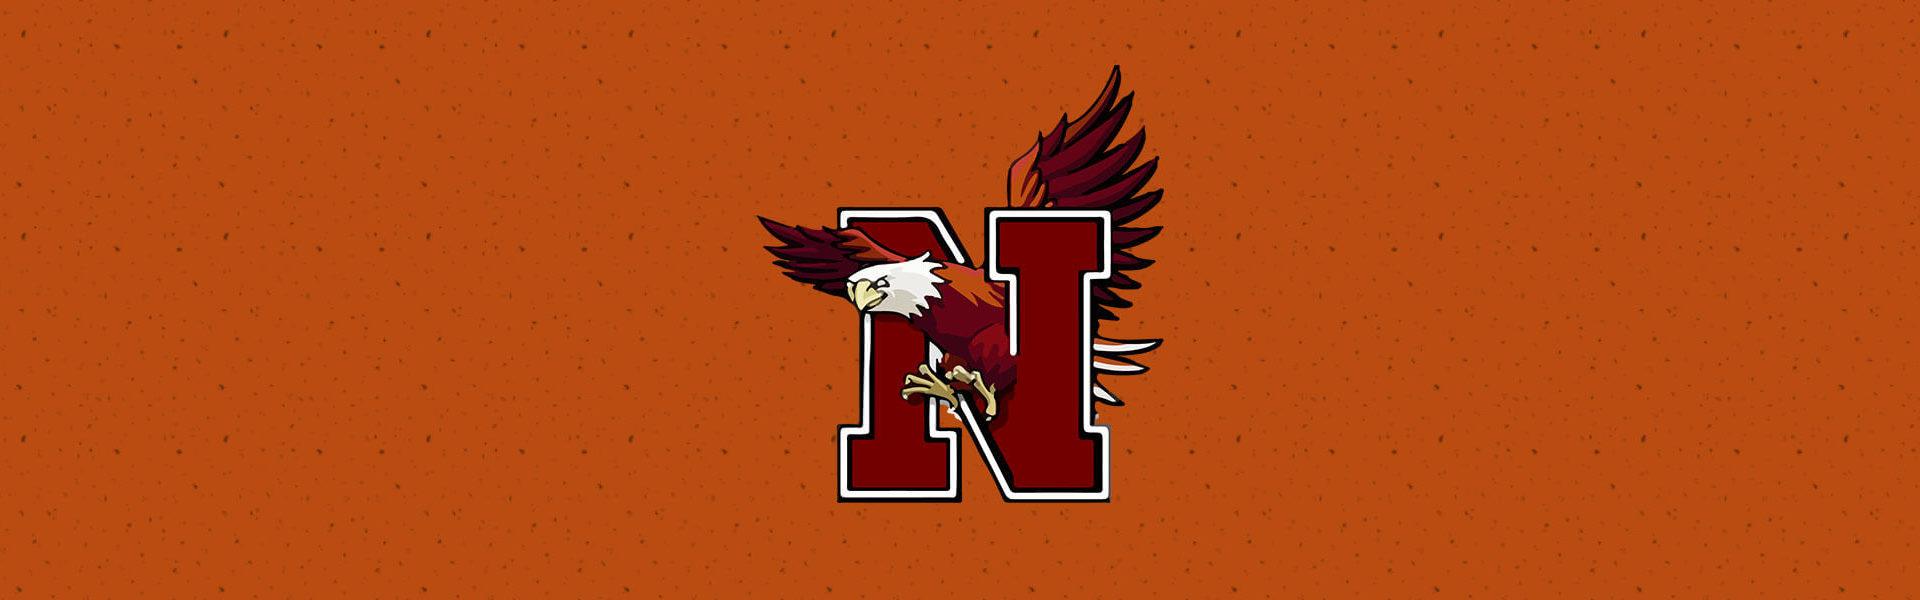 Niceville high school eagles banner